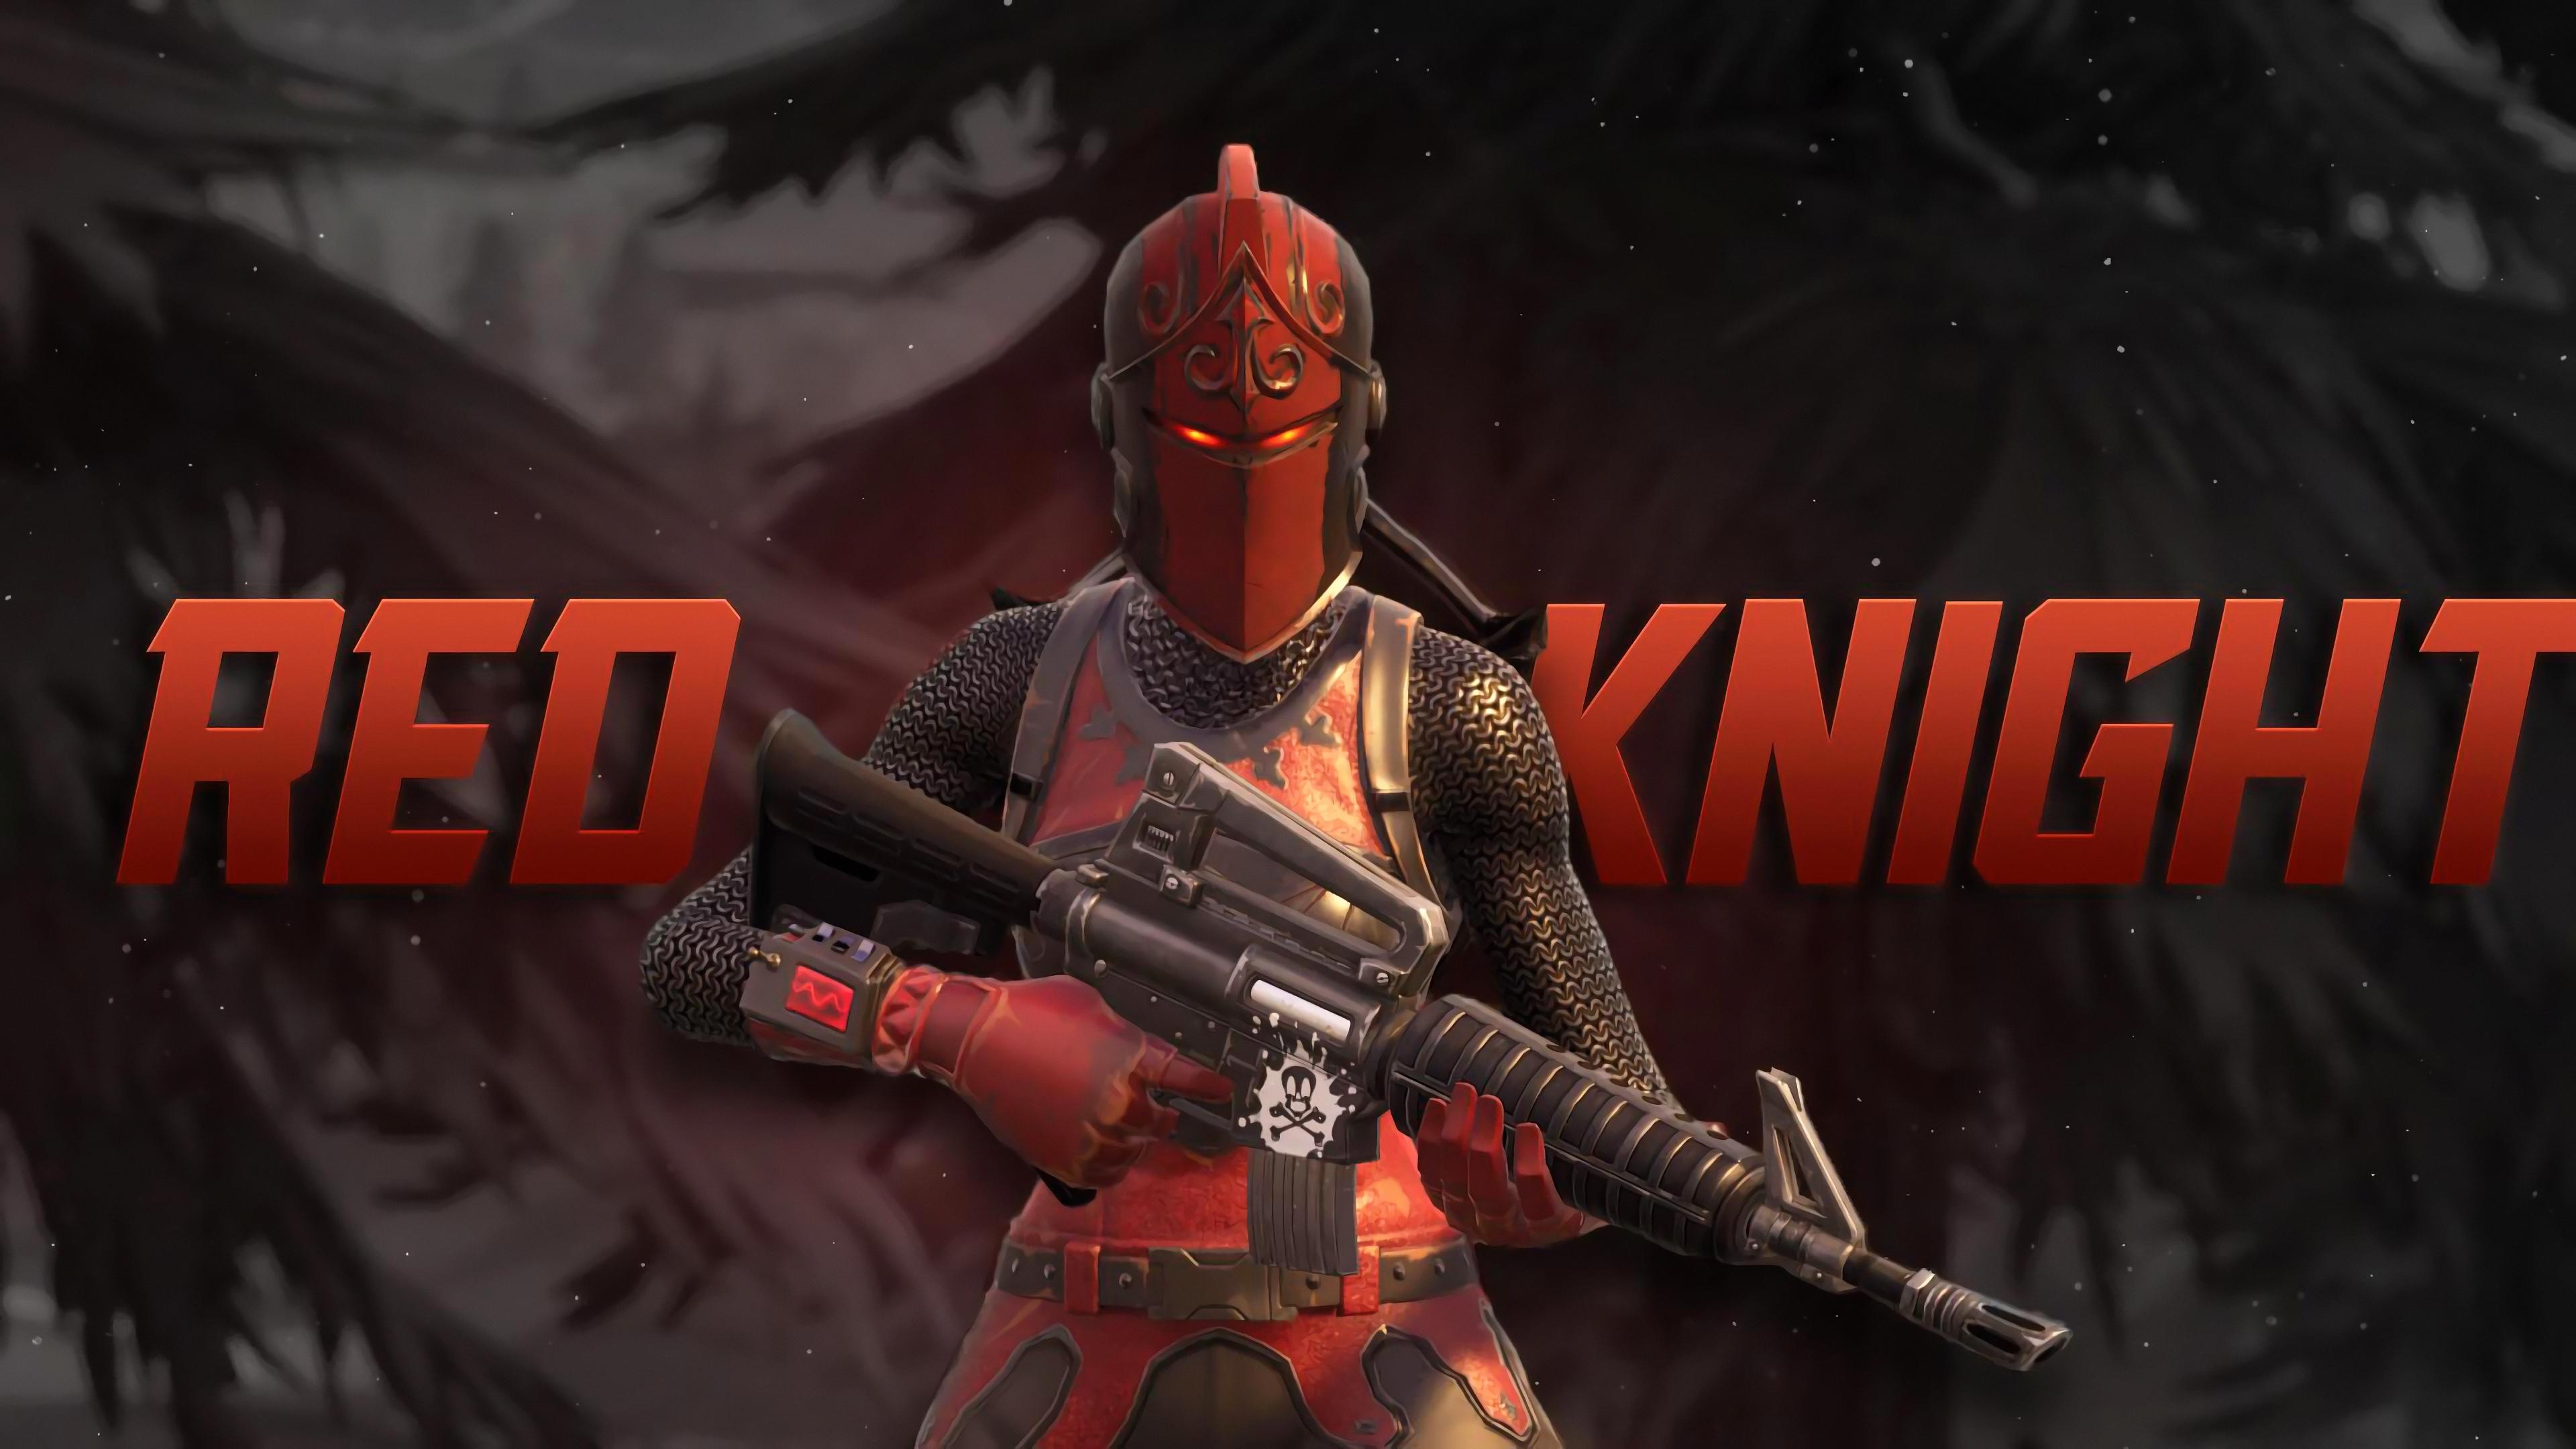 Red Knight 4K 8K HD Fortnite Battle Royale Wallpaper 3840x2160